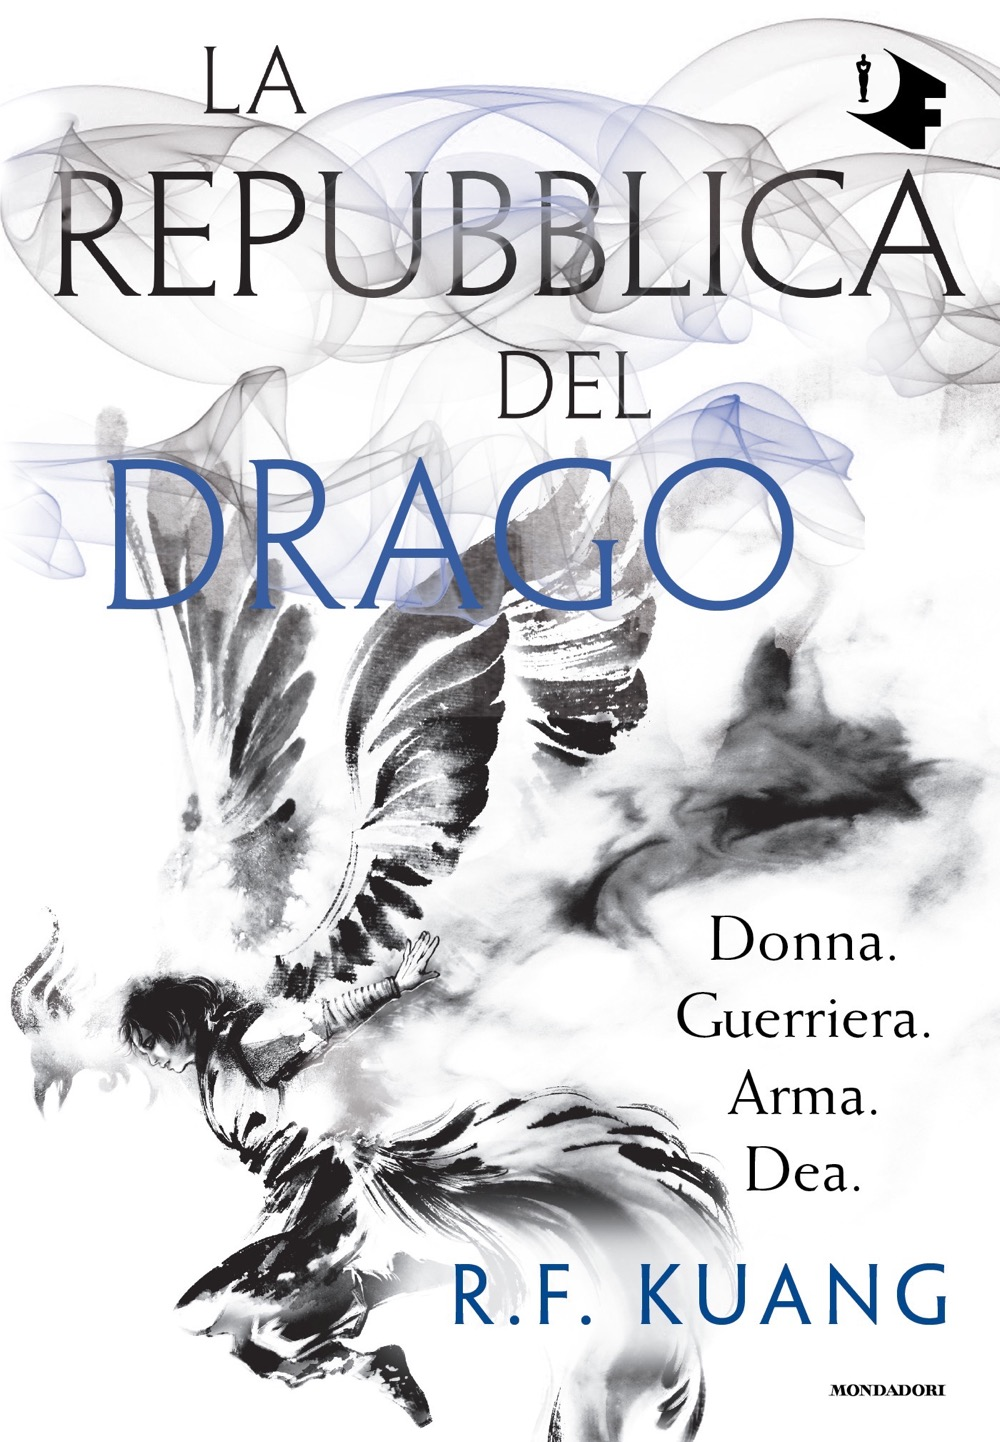 letazzinediyoko la repubblica del drago cover